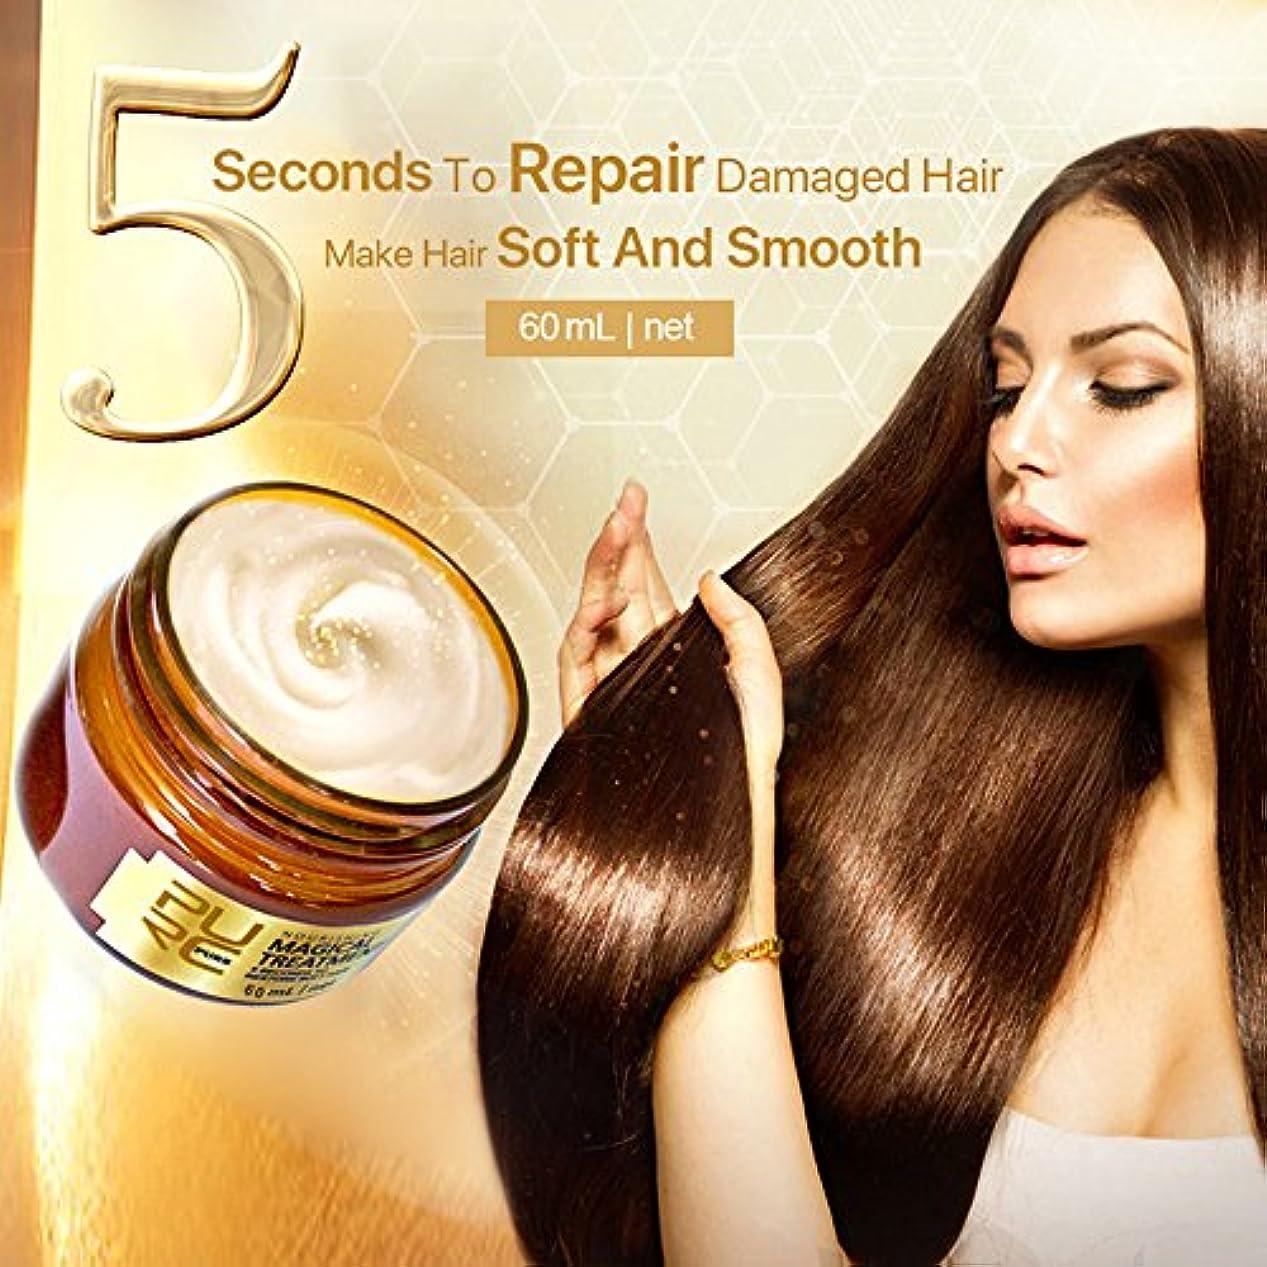 提供する不健康アクセサリーディープリペア軟膏ヘアマスク 高度な分子 毛根治療の回復 魔法のヘアマスクは コンディショナー ヘアケアコンディショ すべての髪のタイプのケラチンヘアの柔らかい髪を復元します (60ML)